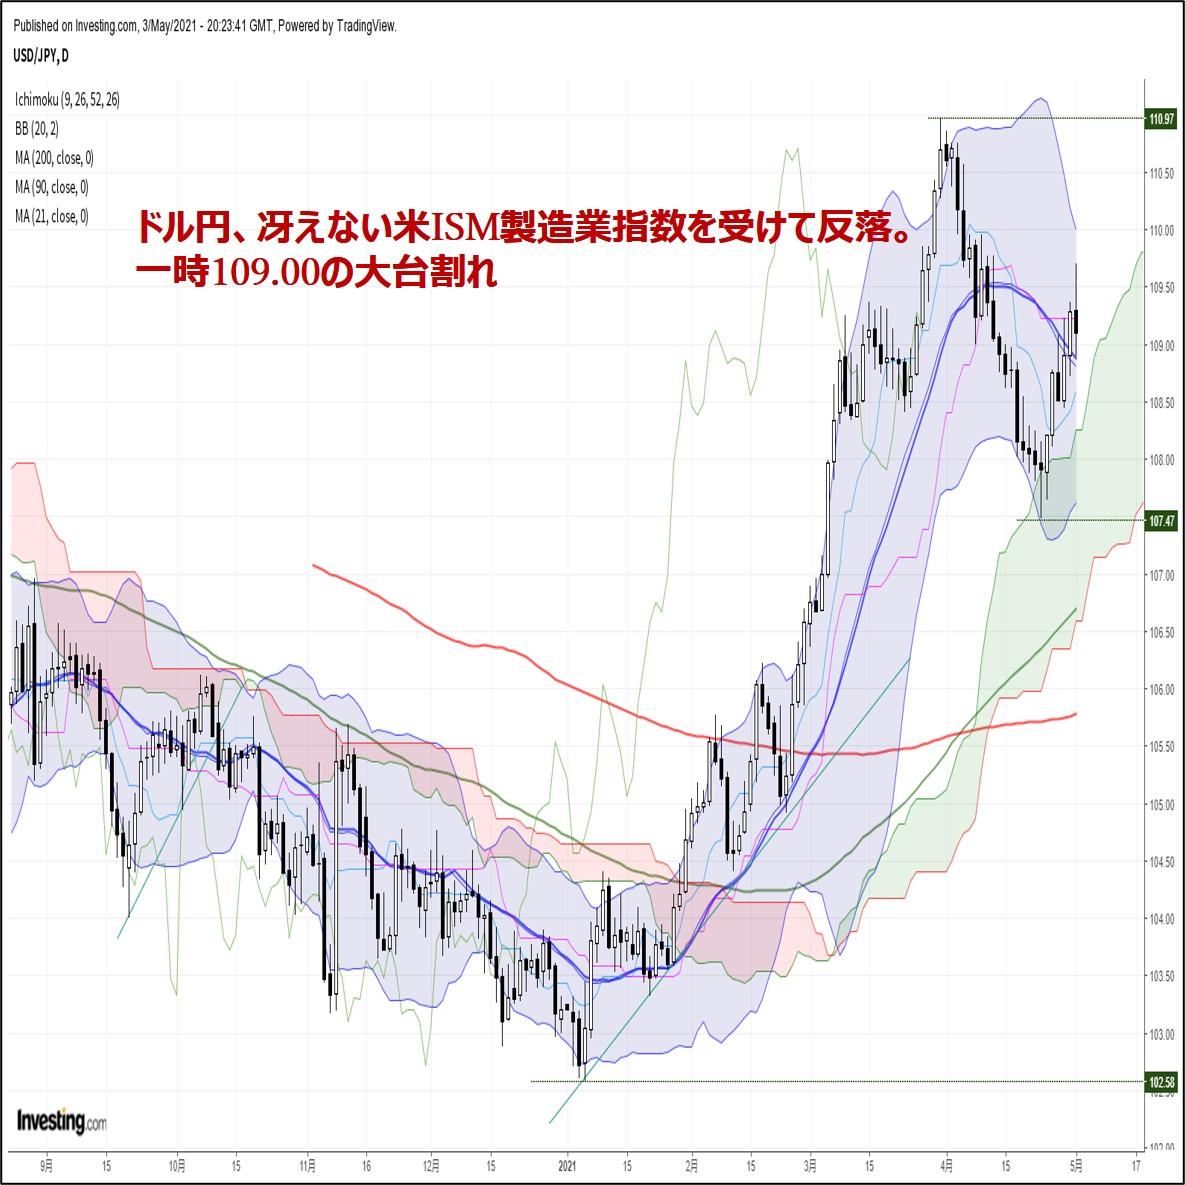 ドル円、冴えない米ISM製造業指数を受けて反落。一時109.00の大台割れ